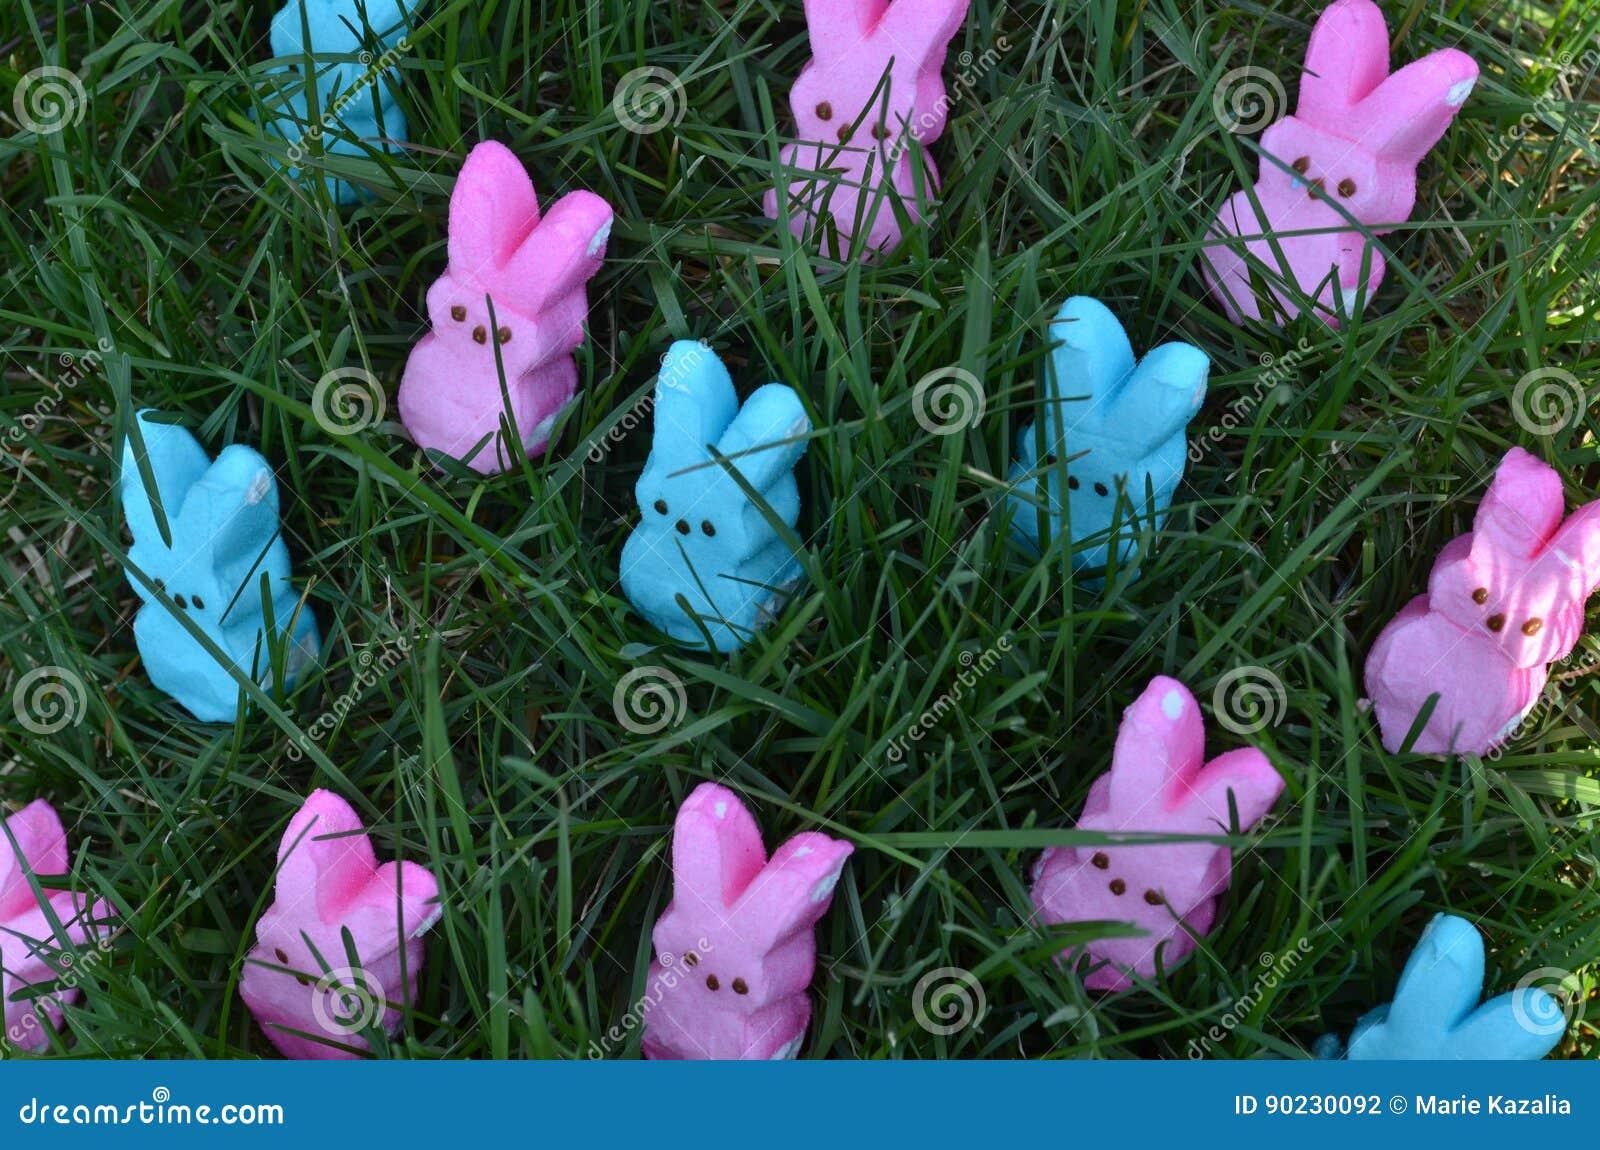 Rosa und blaue Ostern-Eibischkaninchen im grünen Gras